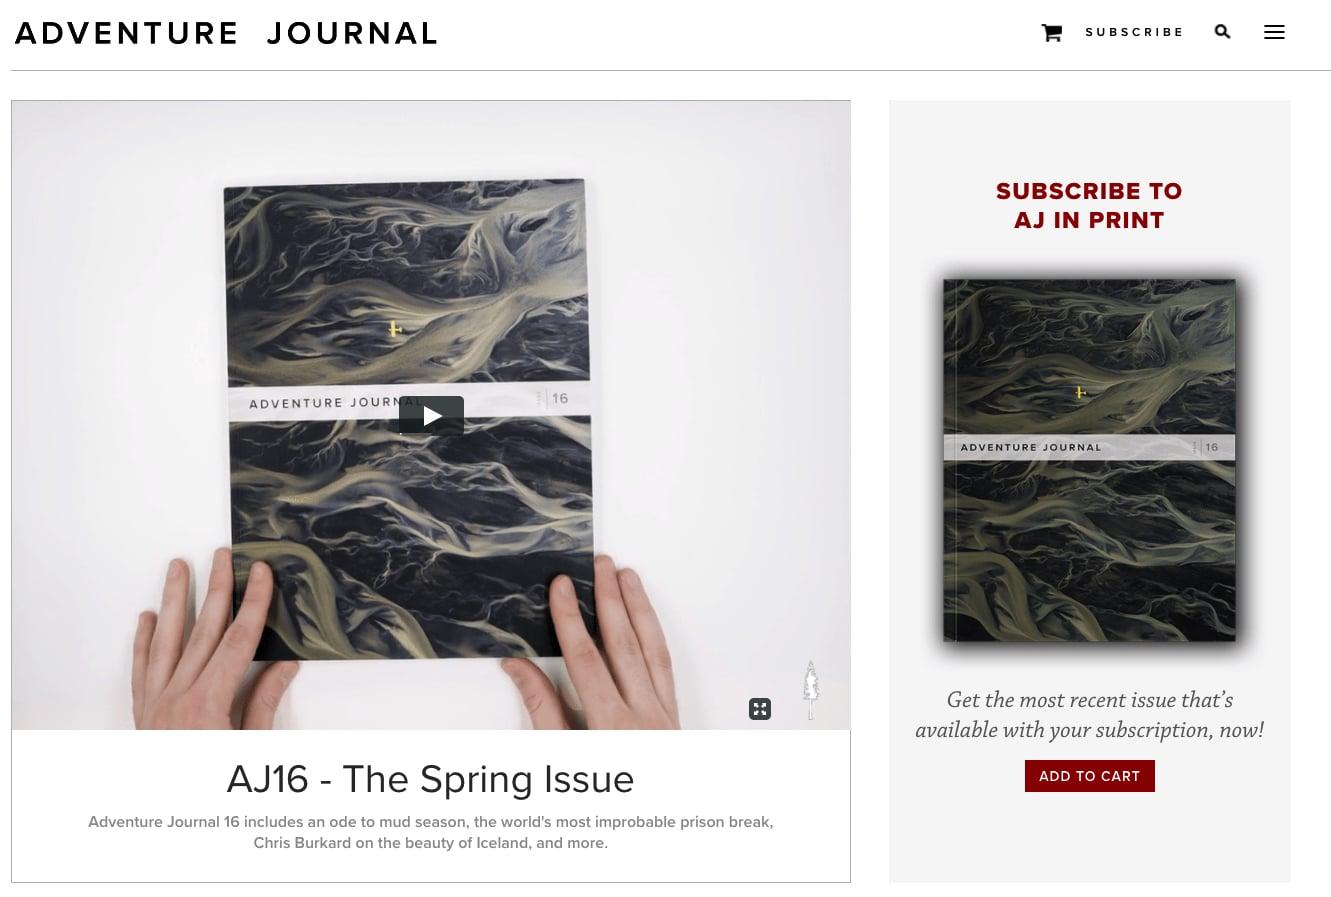 Adventure Journal website